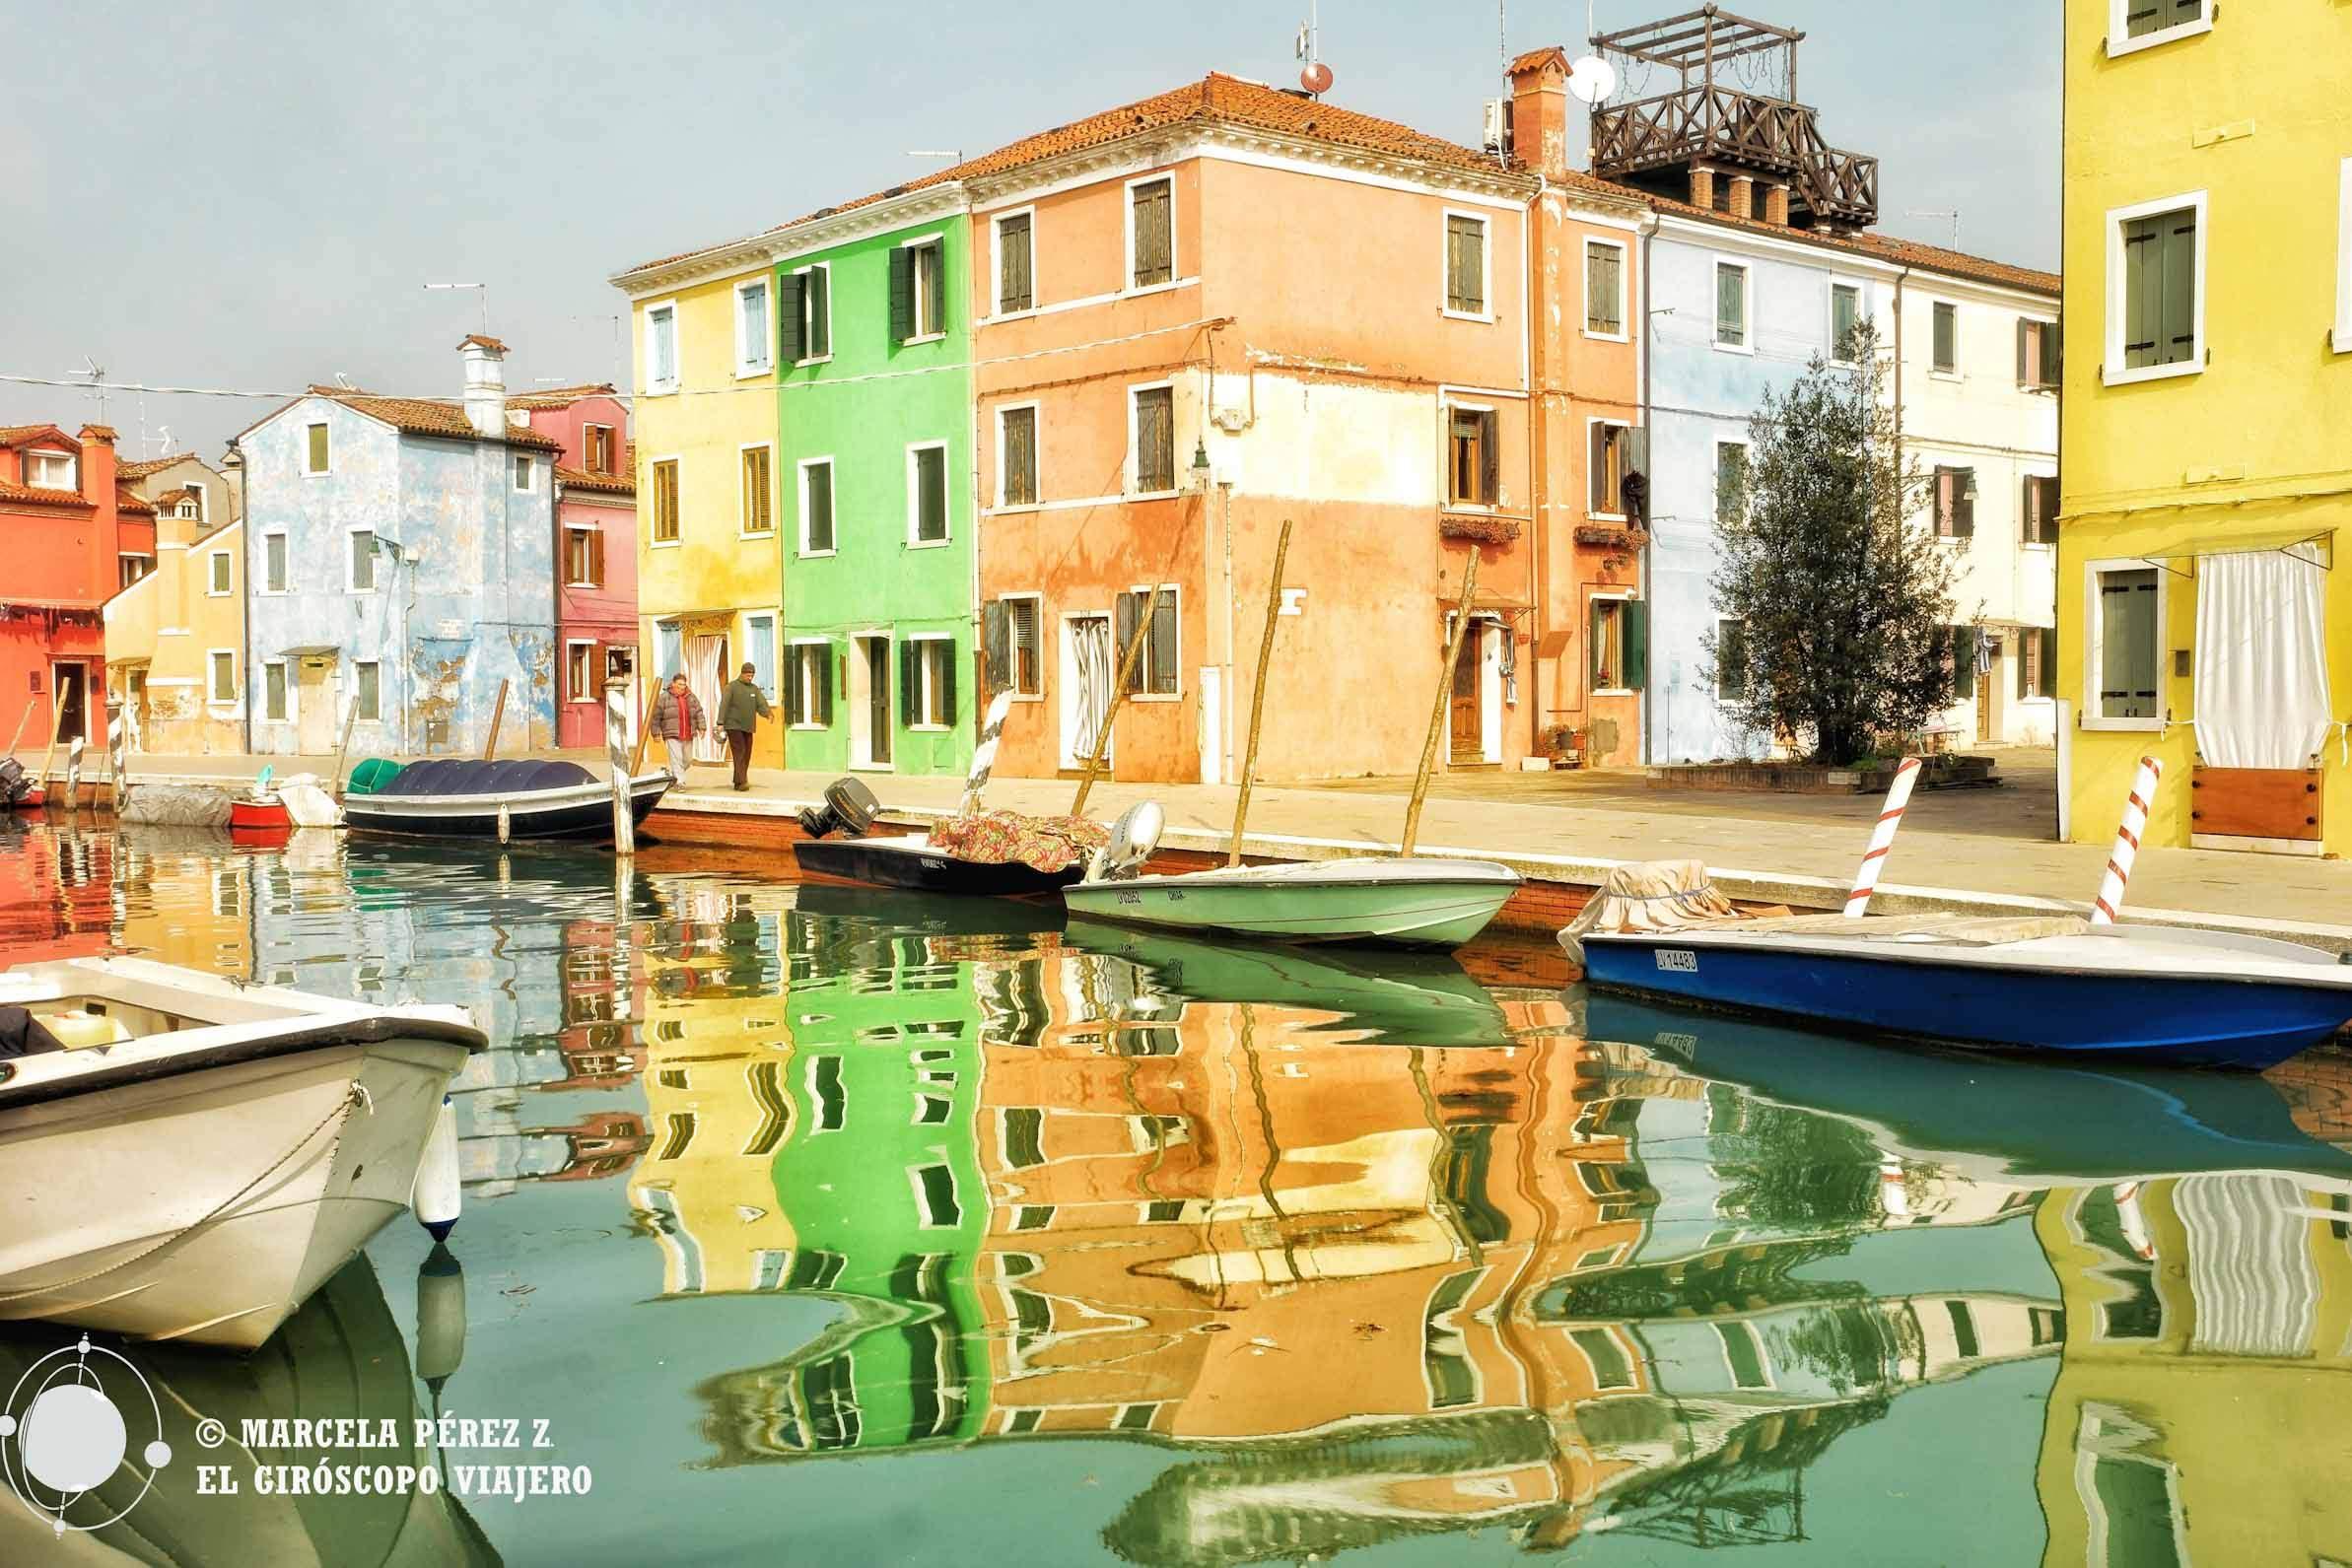 El colorido de las casas de Burano es un regalo para la vista ©Marcela Pérez Z.